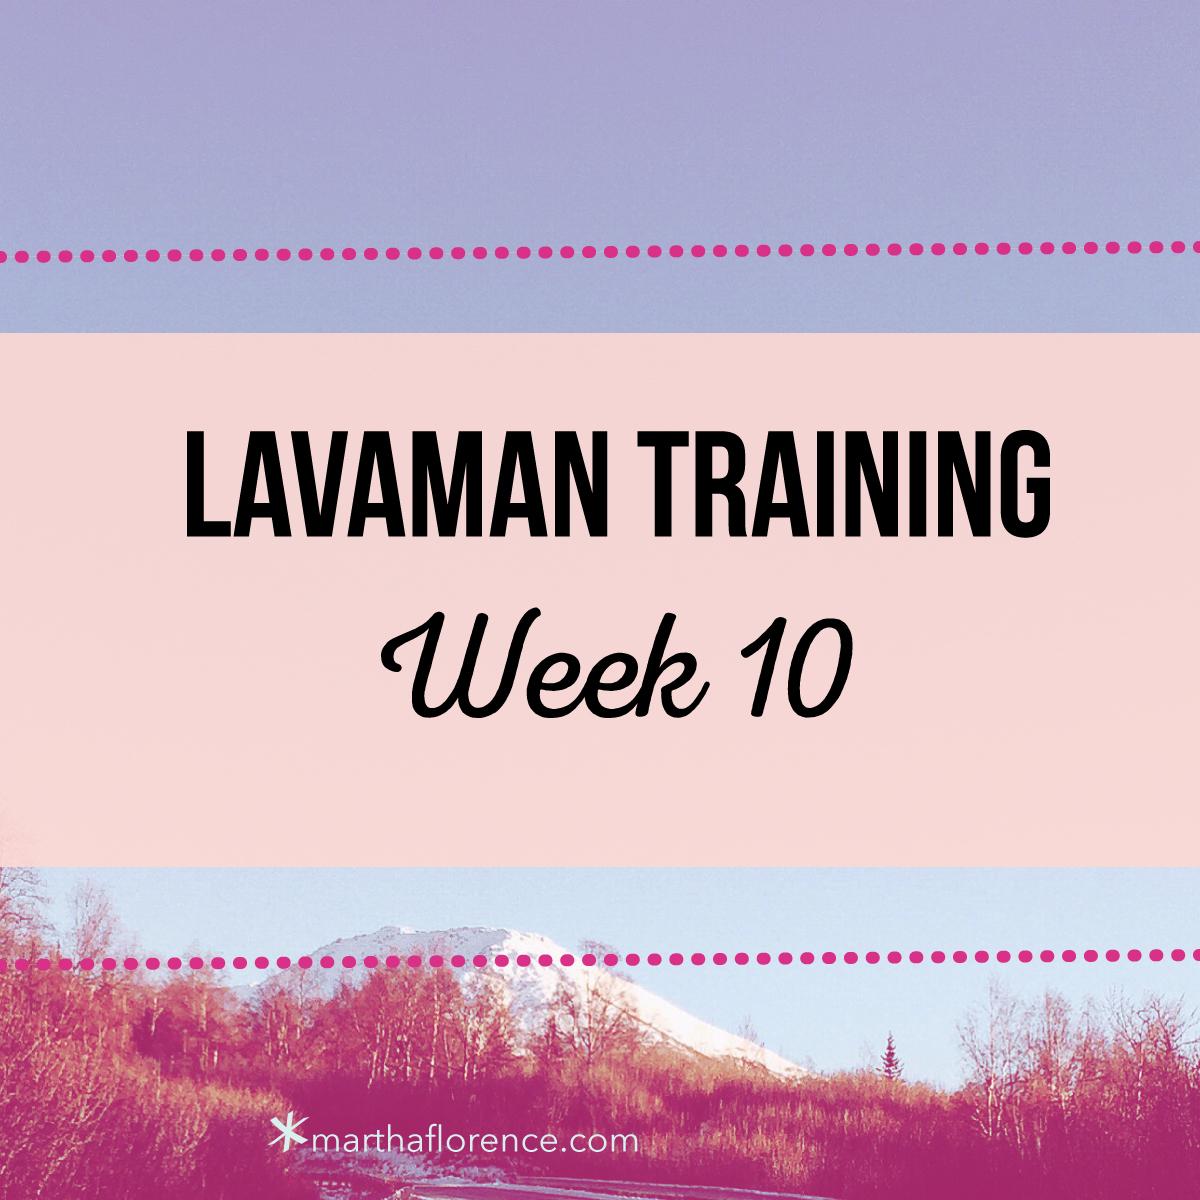 lavaman-week-10-title